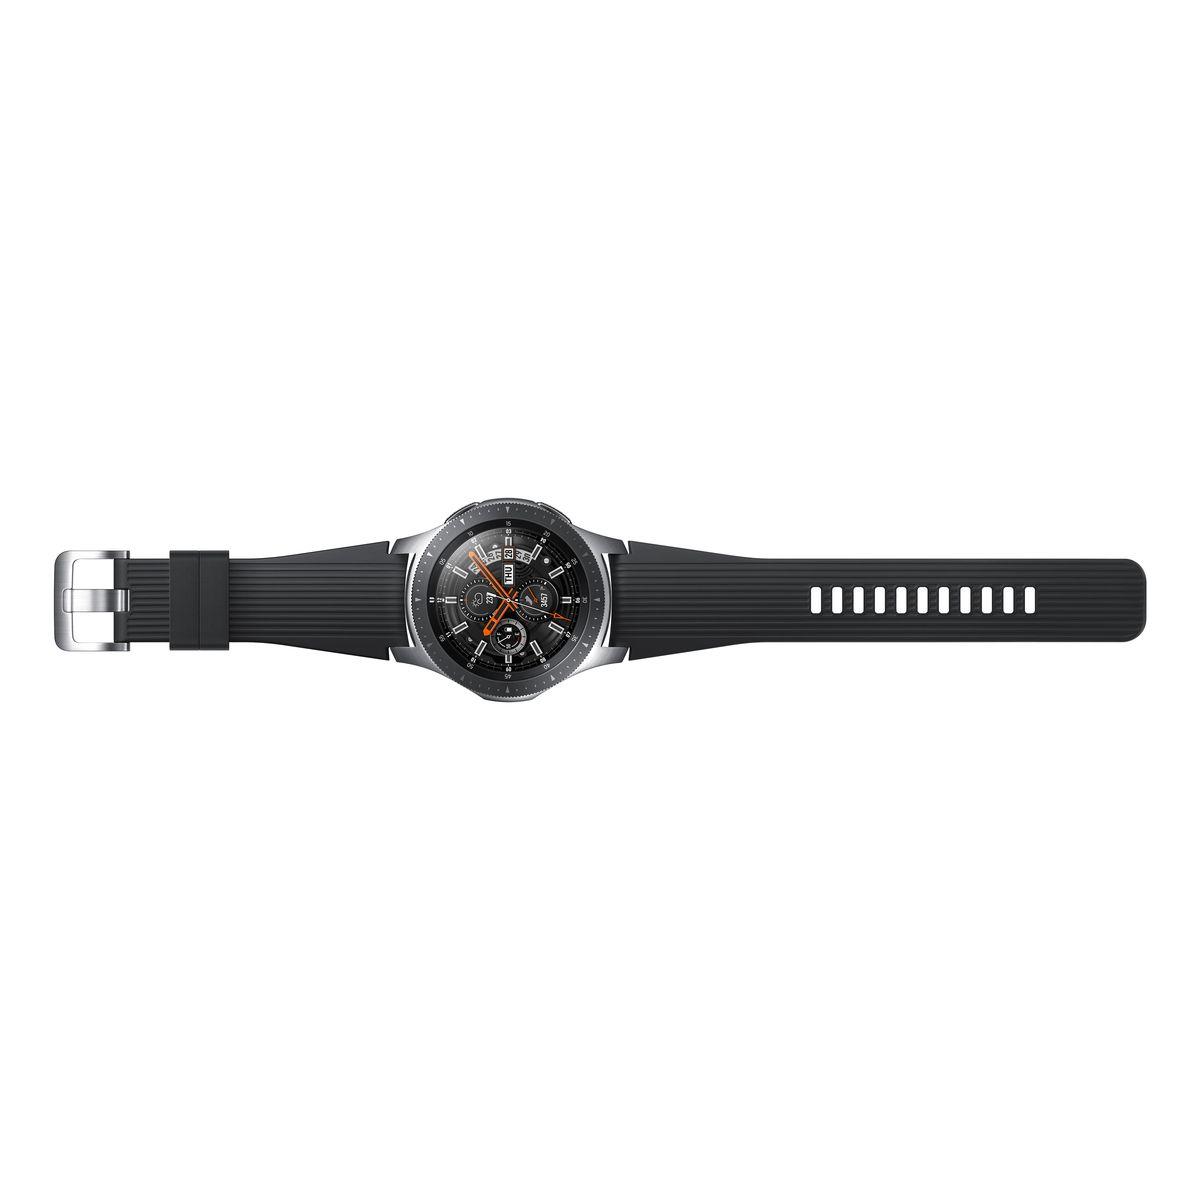 SAMSUNG SAMSUNG Montre connectée - Galaxy watch - Gris acier - cadran 46mm